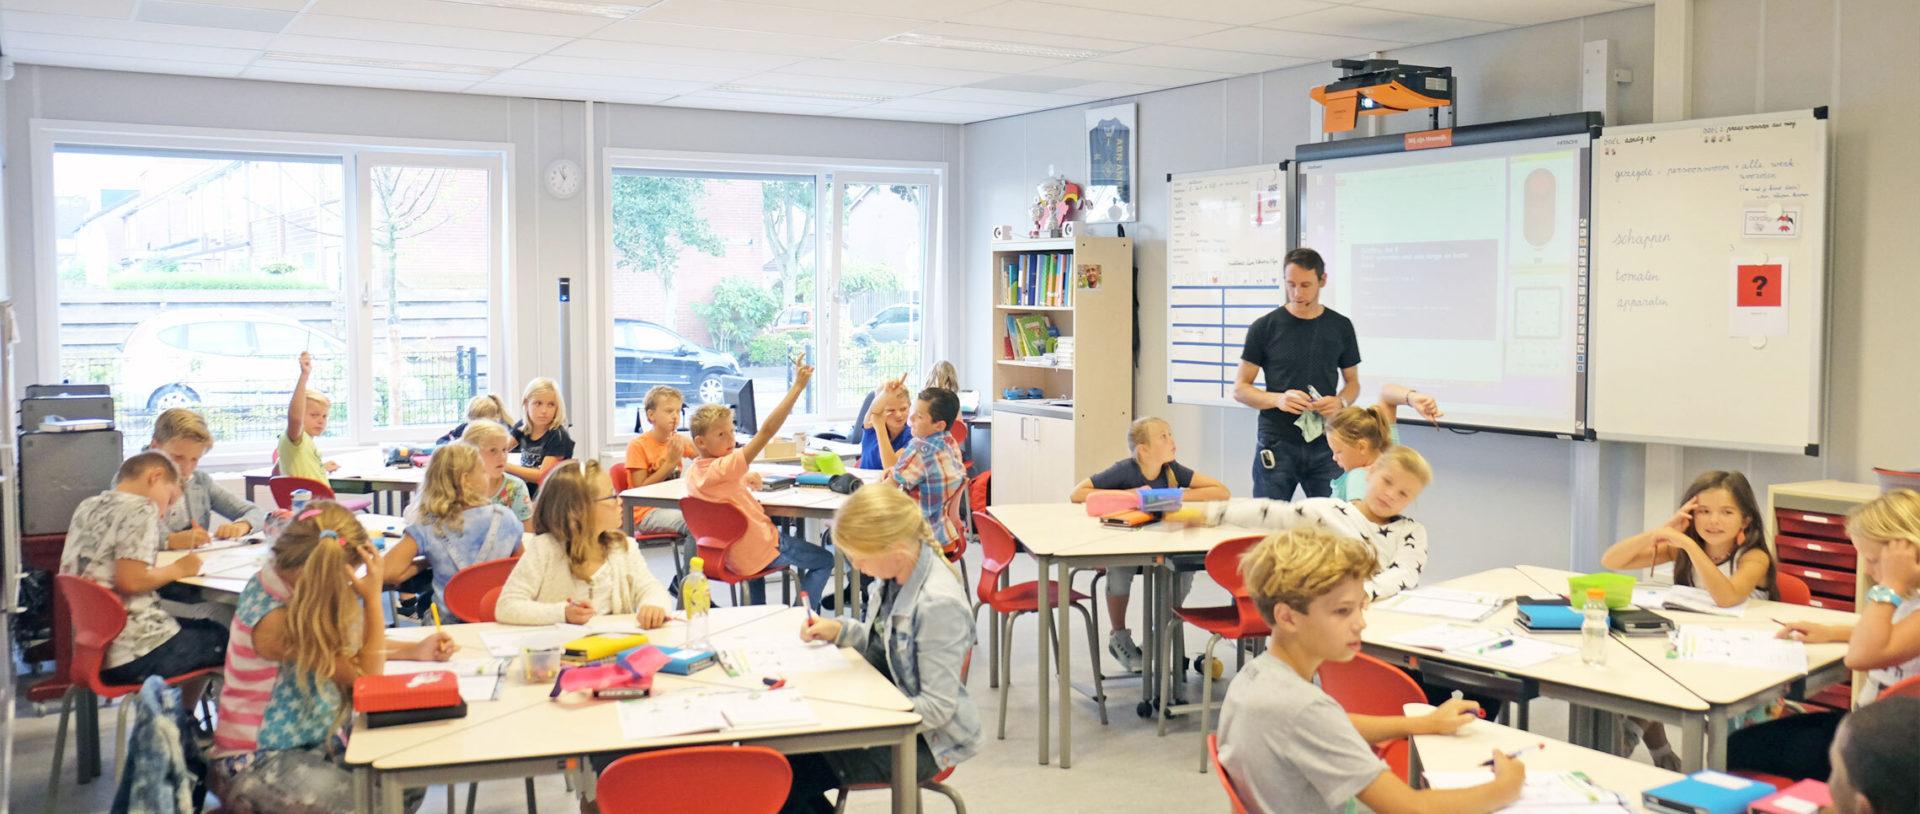 Kbs de heeswijk montfoort klaslokaal